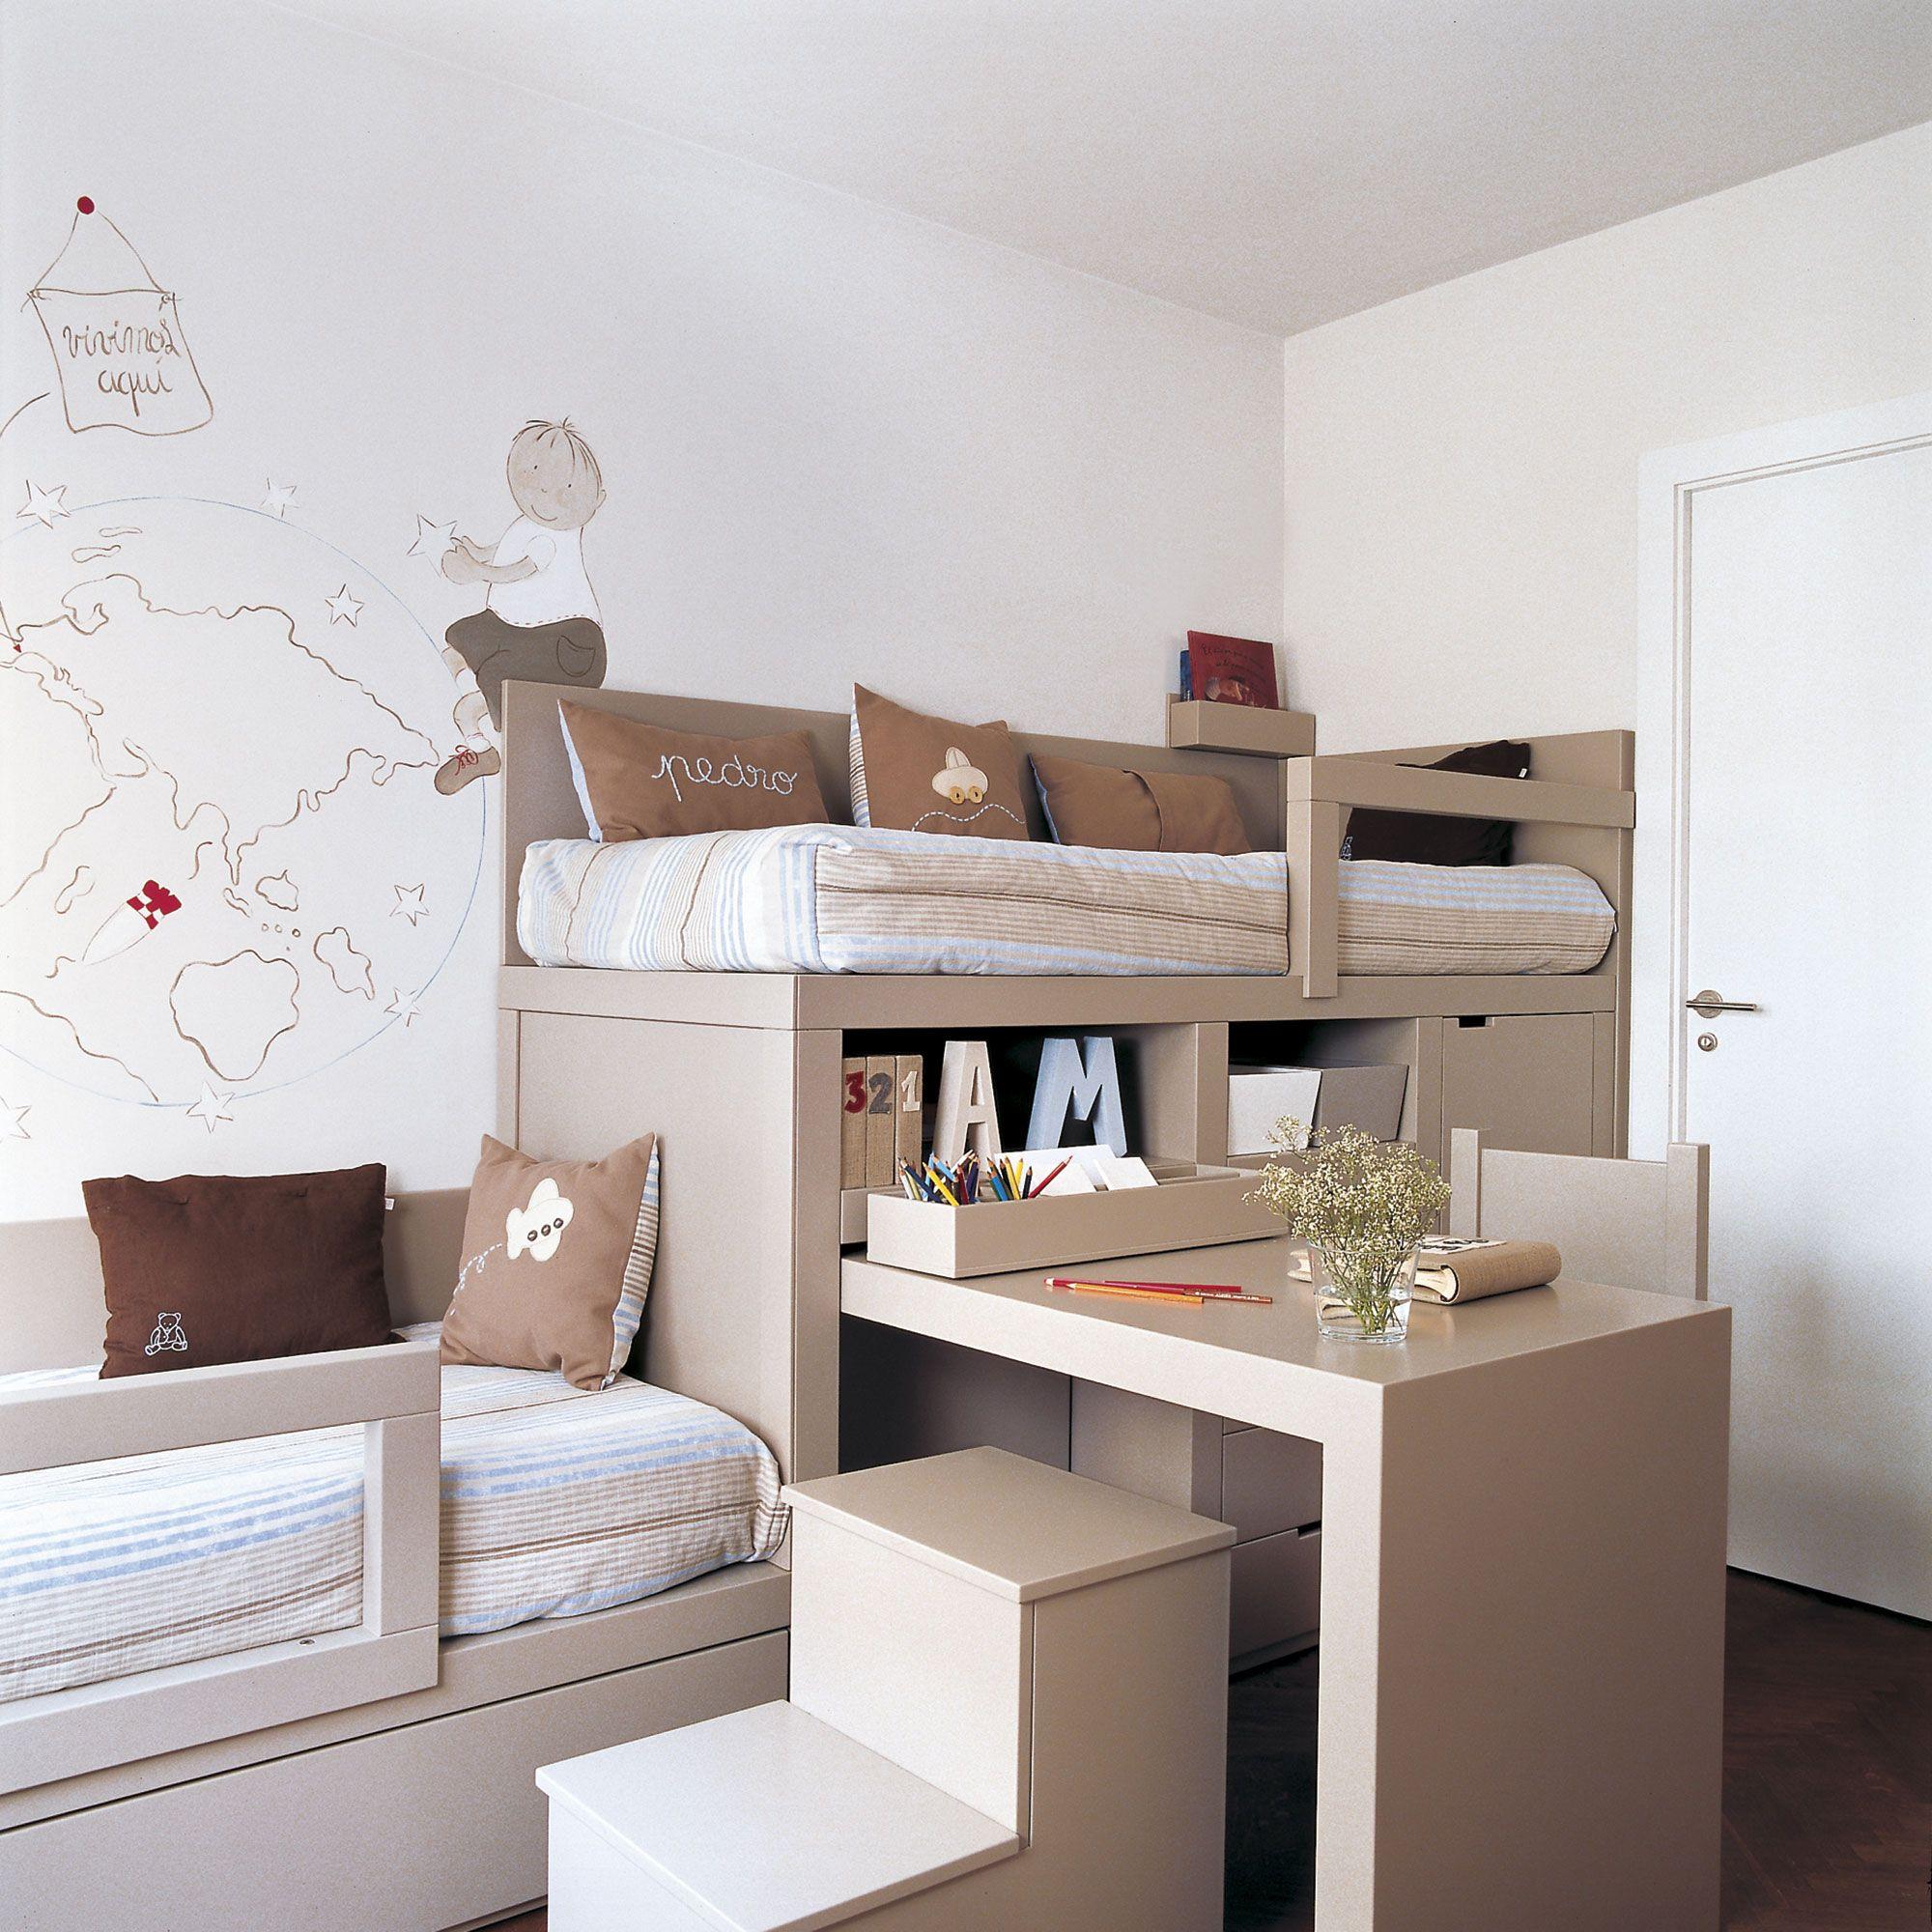 Habitaci n infantil con un mueble a medida con dos camas y - Habitacion infantil dos camas ...